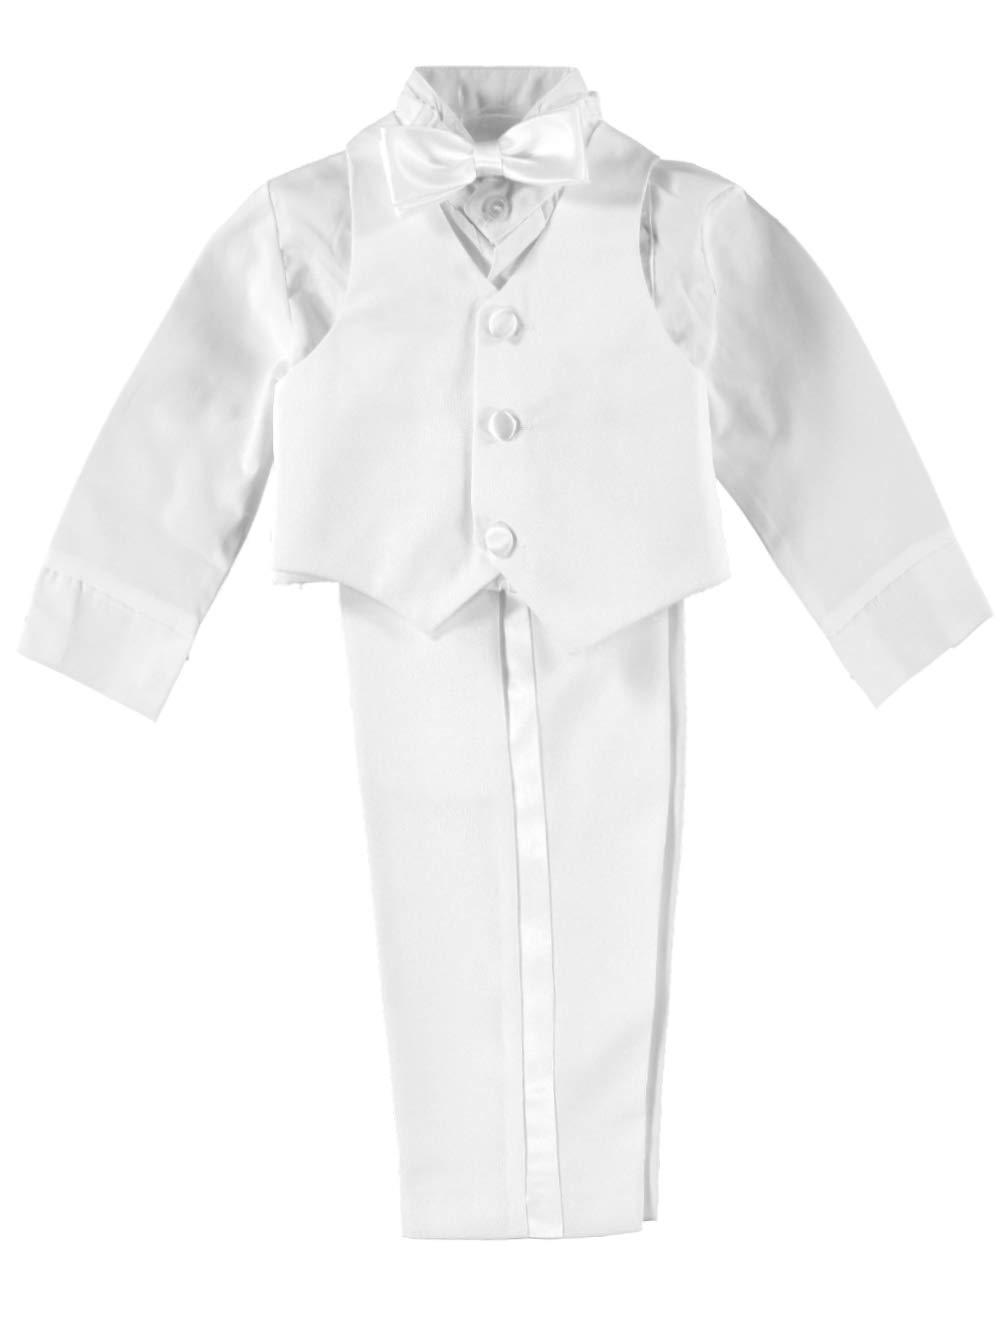 Kaifer Baby Boys' 5-Piece Tuxedo - white, 6 - 9 months